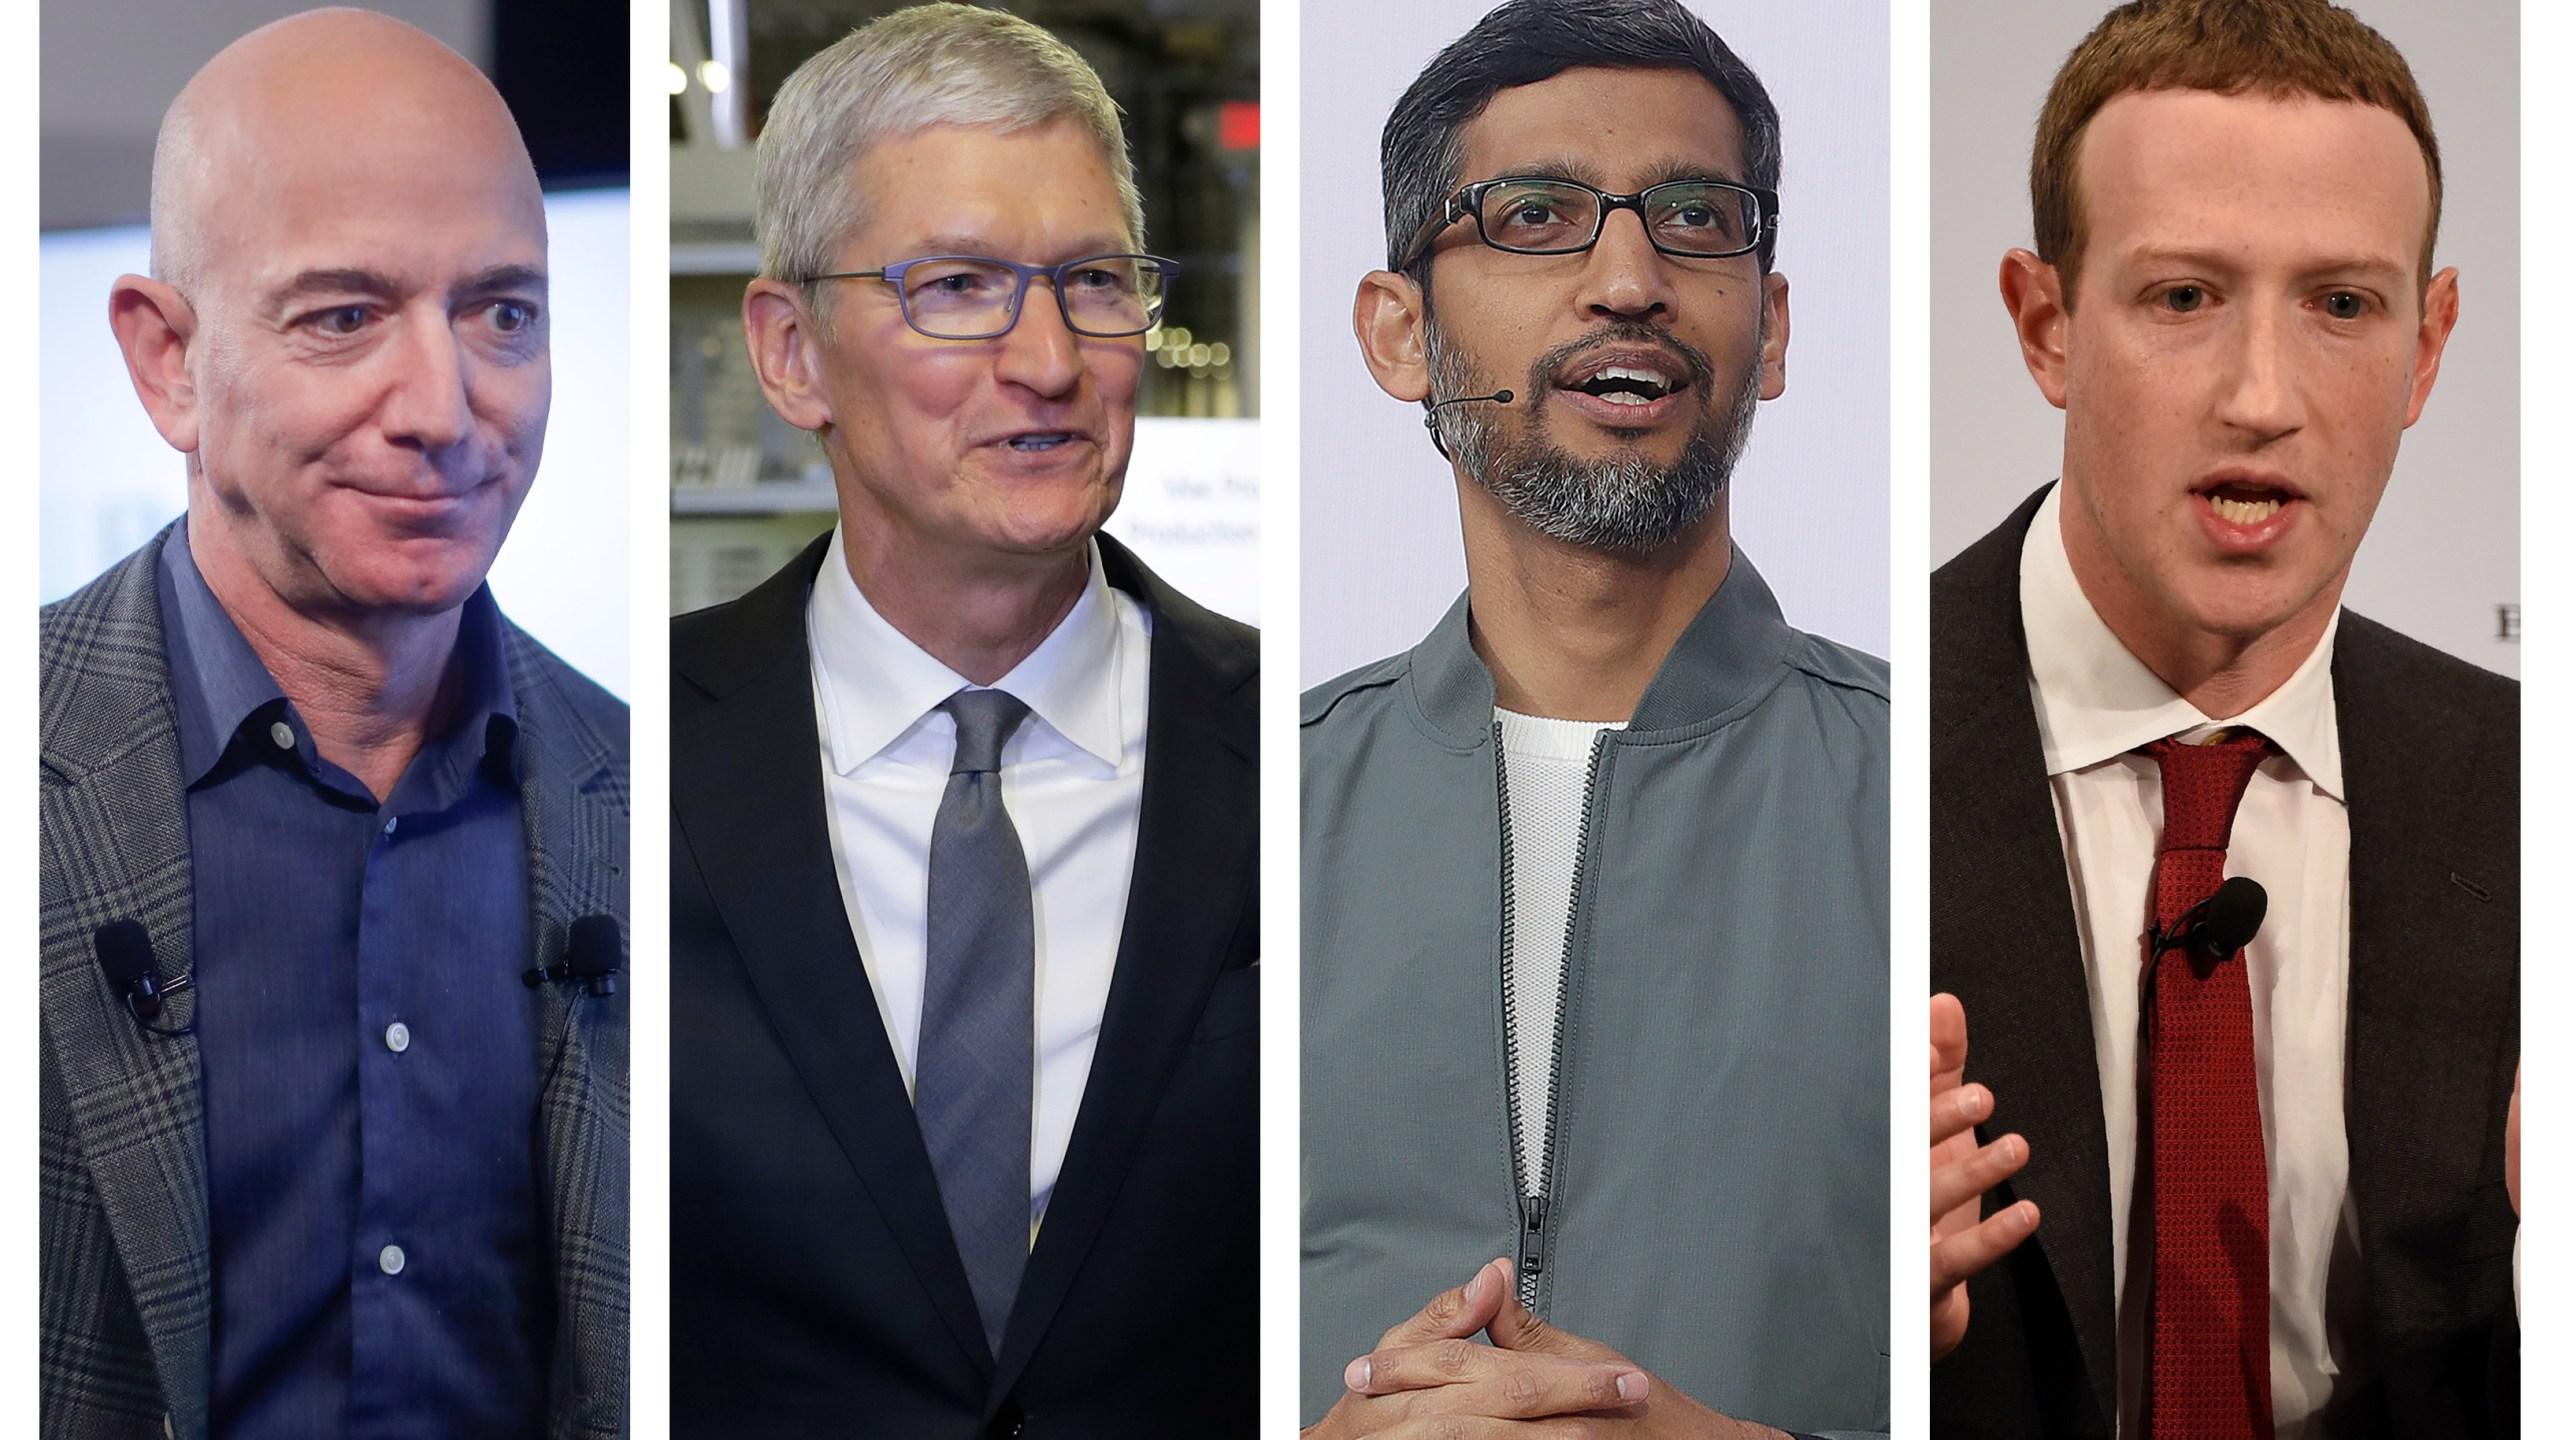 Amazon CEO Jeff Bezos, Apple CEO Tim Cook, Google CEO Sundar Pichai and Facebook CEO Mark Zuckerberg